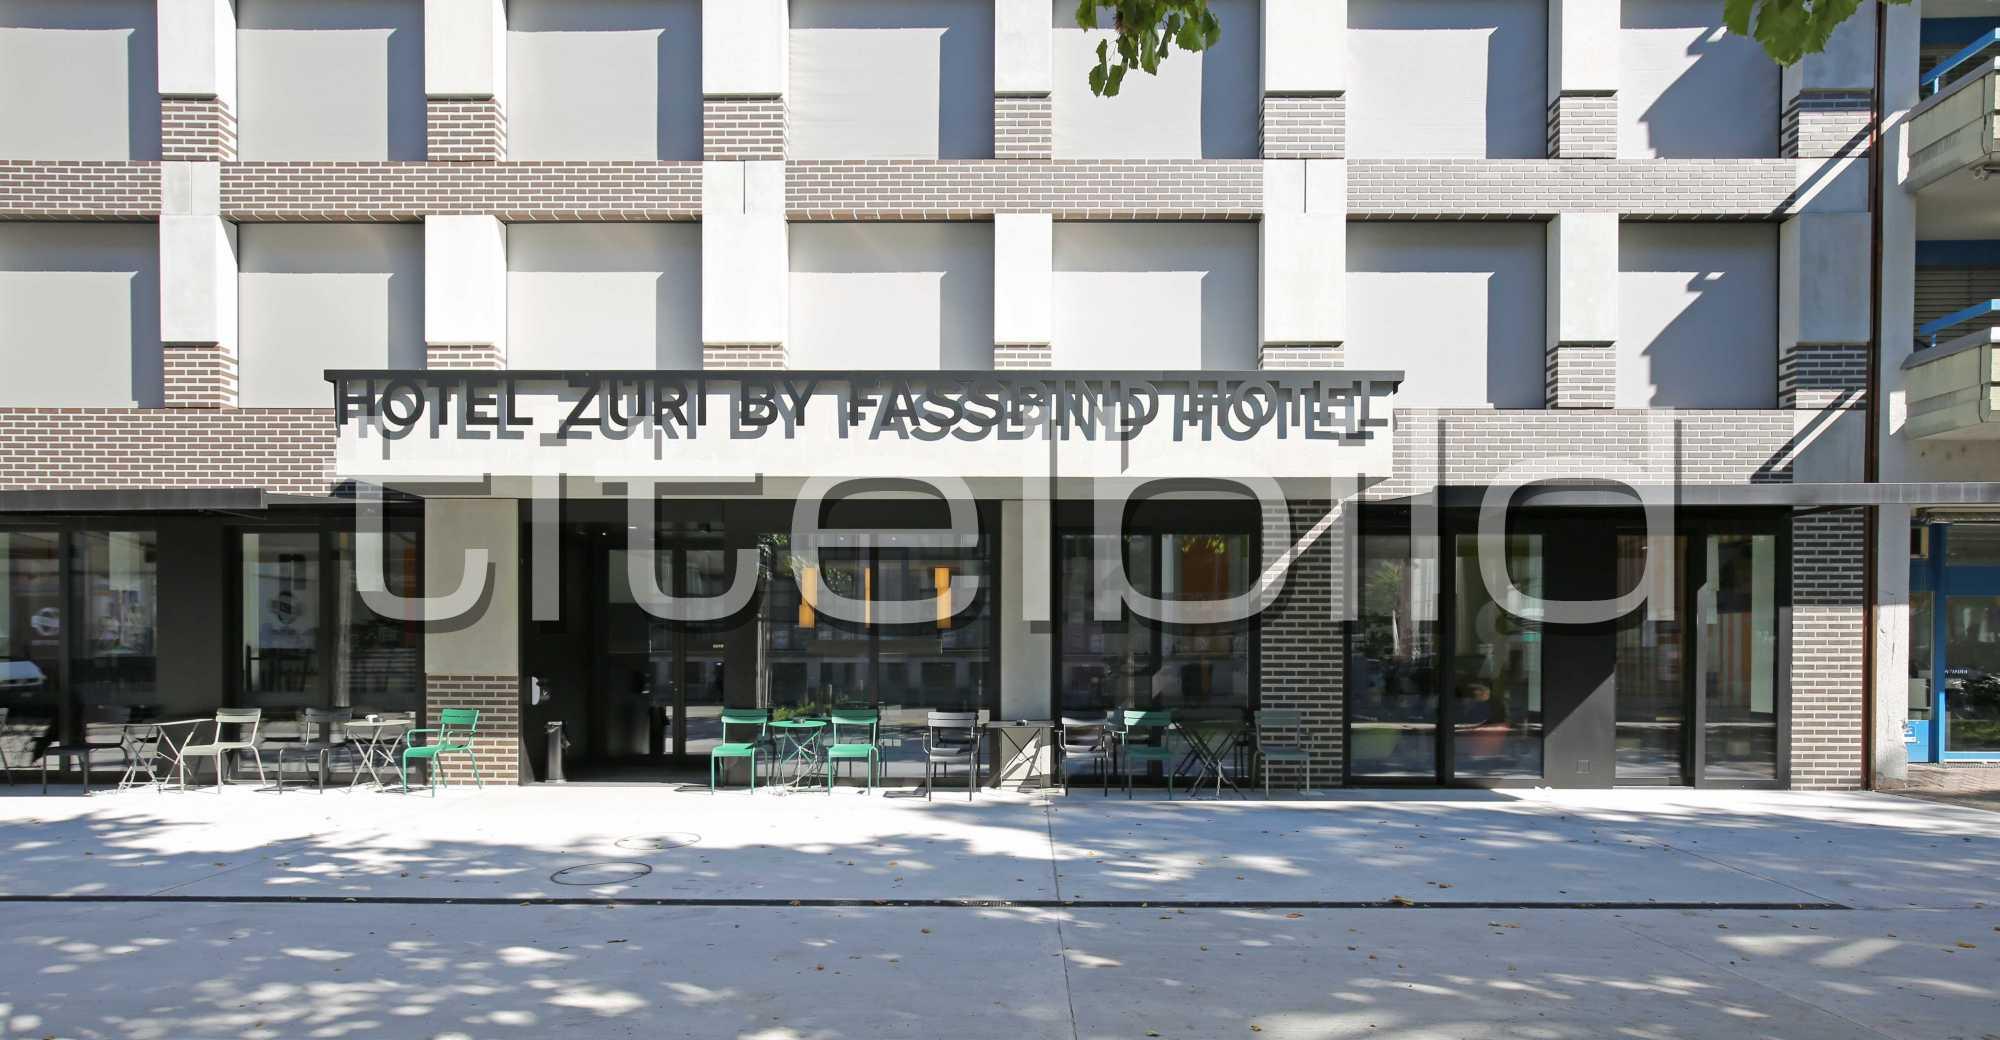 Projektbild-Nr. 2: Hotel Züri by Fassbind